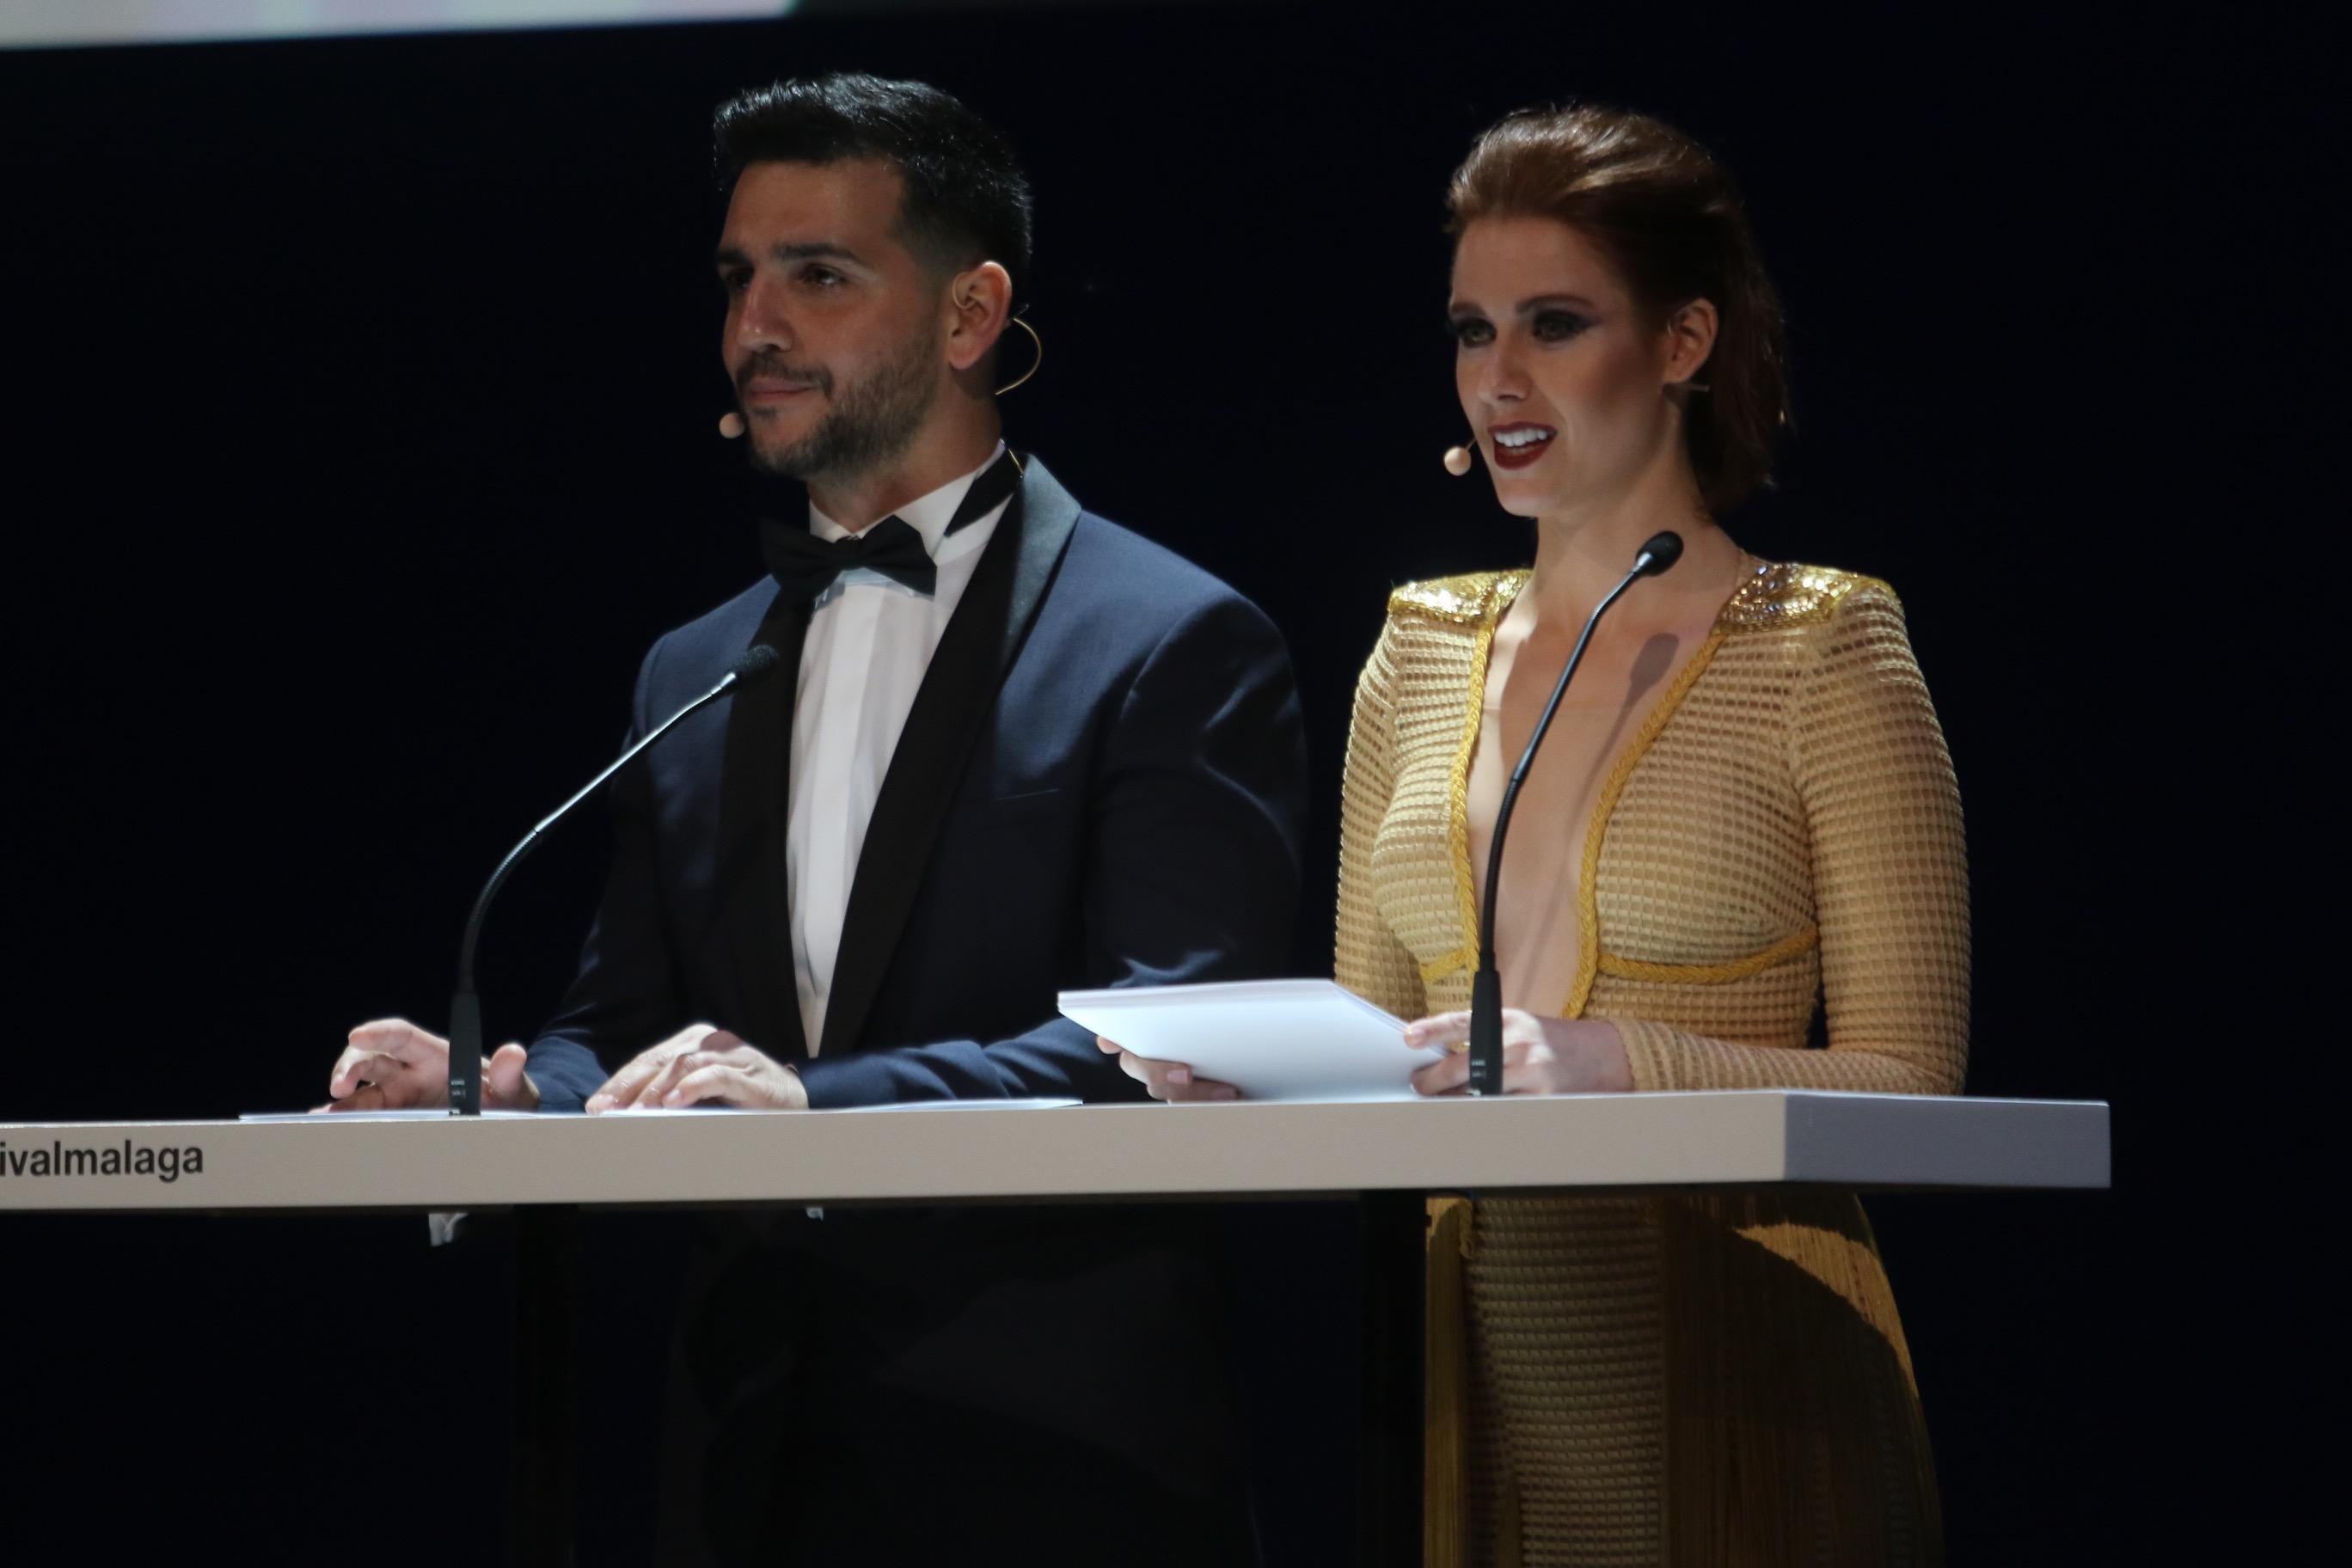 Fran Perea y Manuela Velles presentadores de la gala de inauguración del 20 festival de cine de Málaga